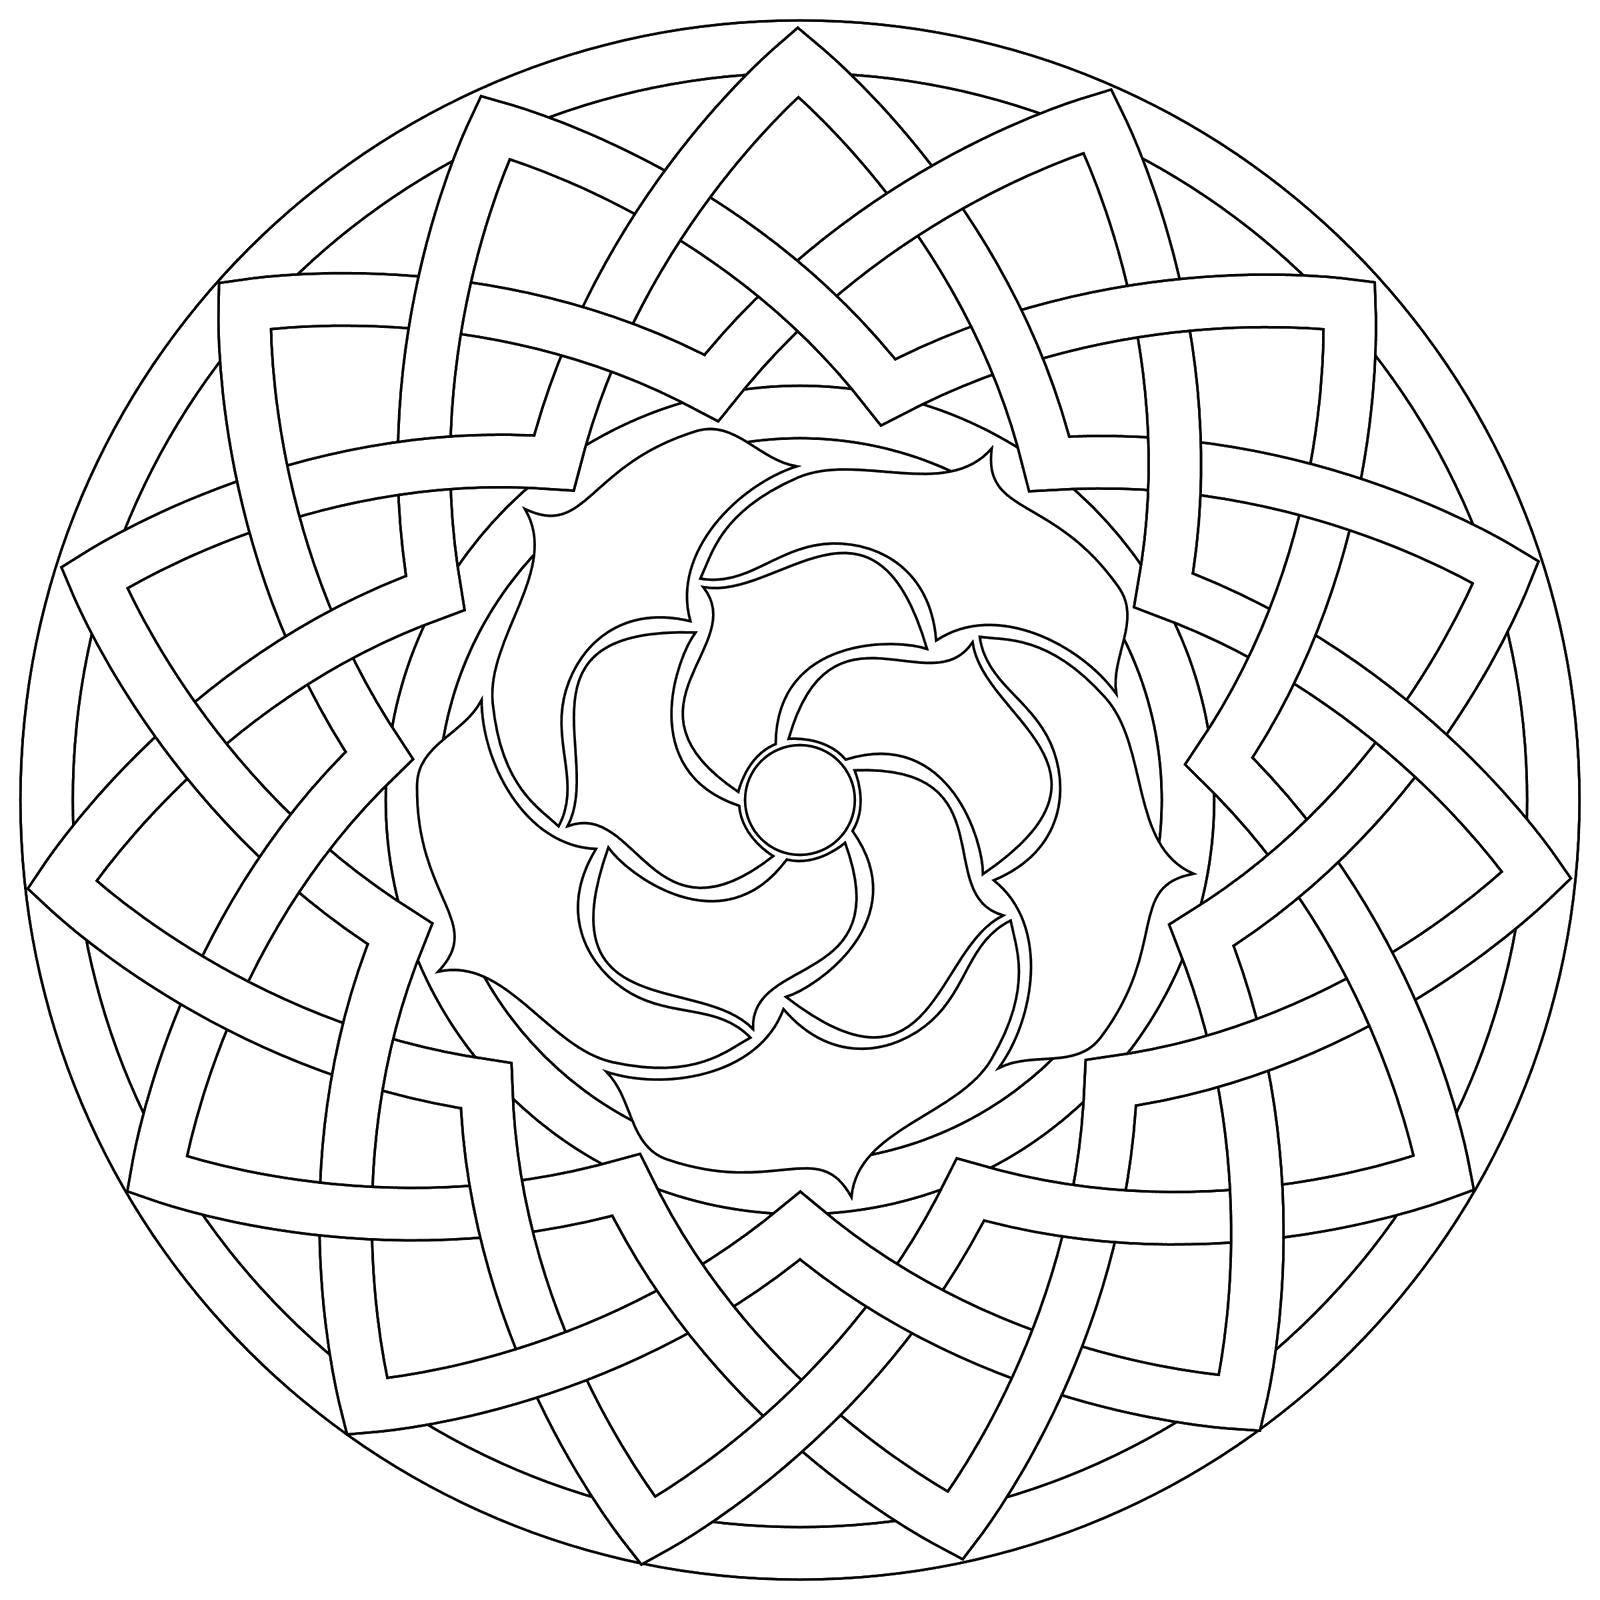 Раскраска Раскрась милый узор. Скачать Узоры, цветок.  Распечатать ,С геометрическими фигурами,